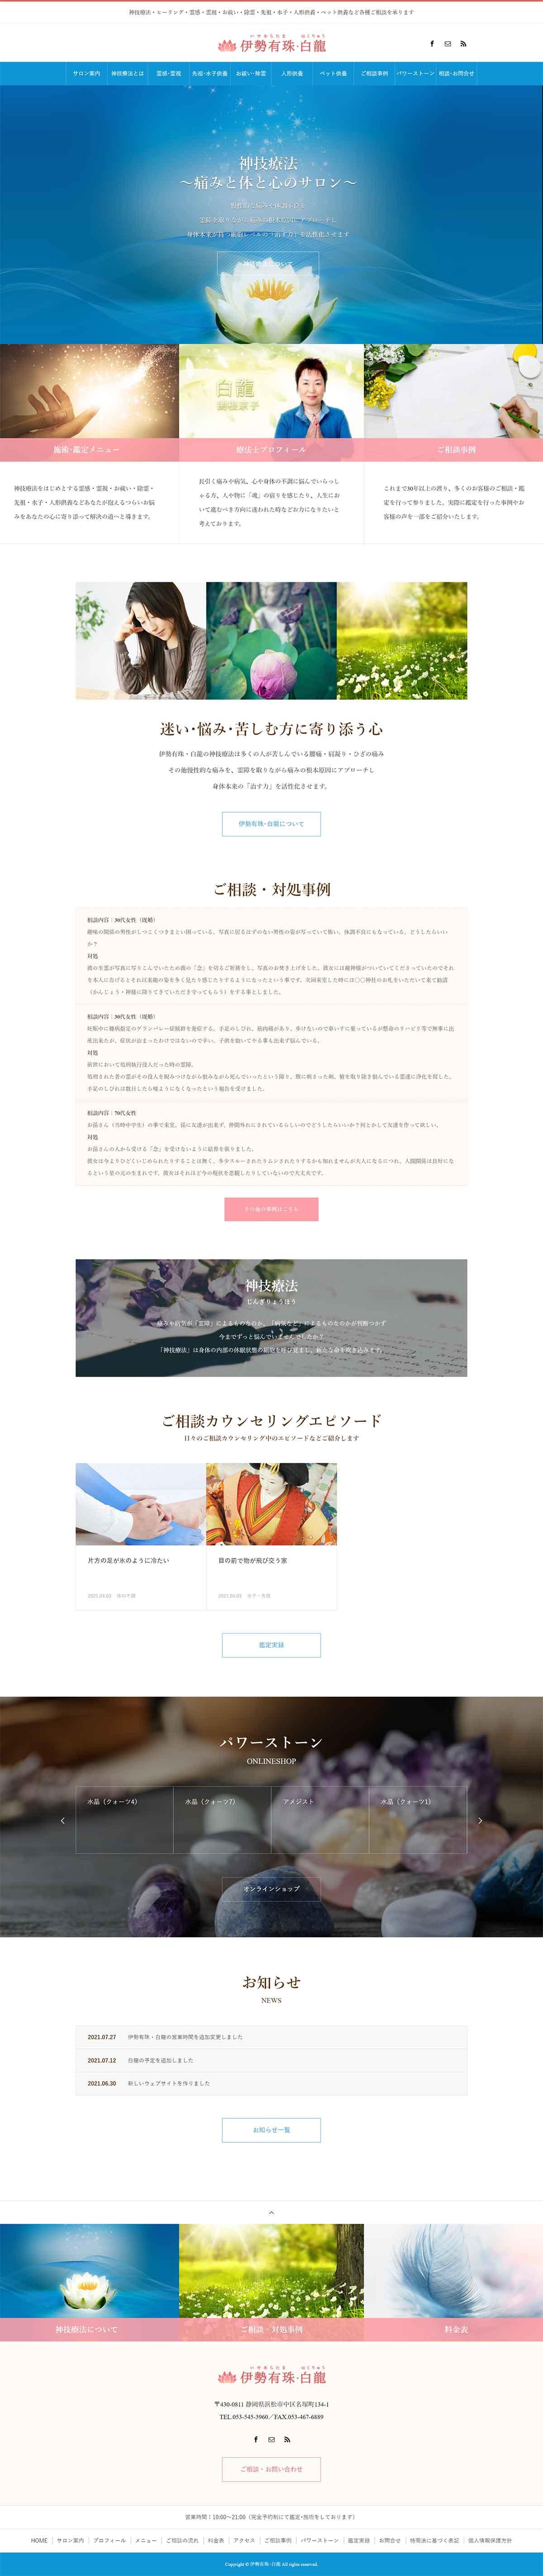 伊勢有珠・白龍・パソコン用デザイン